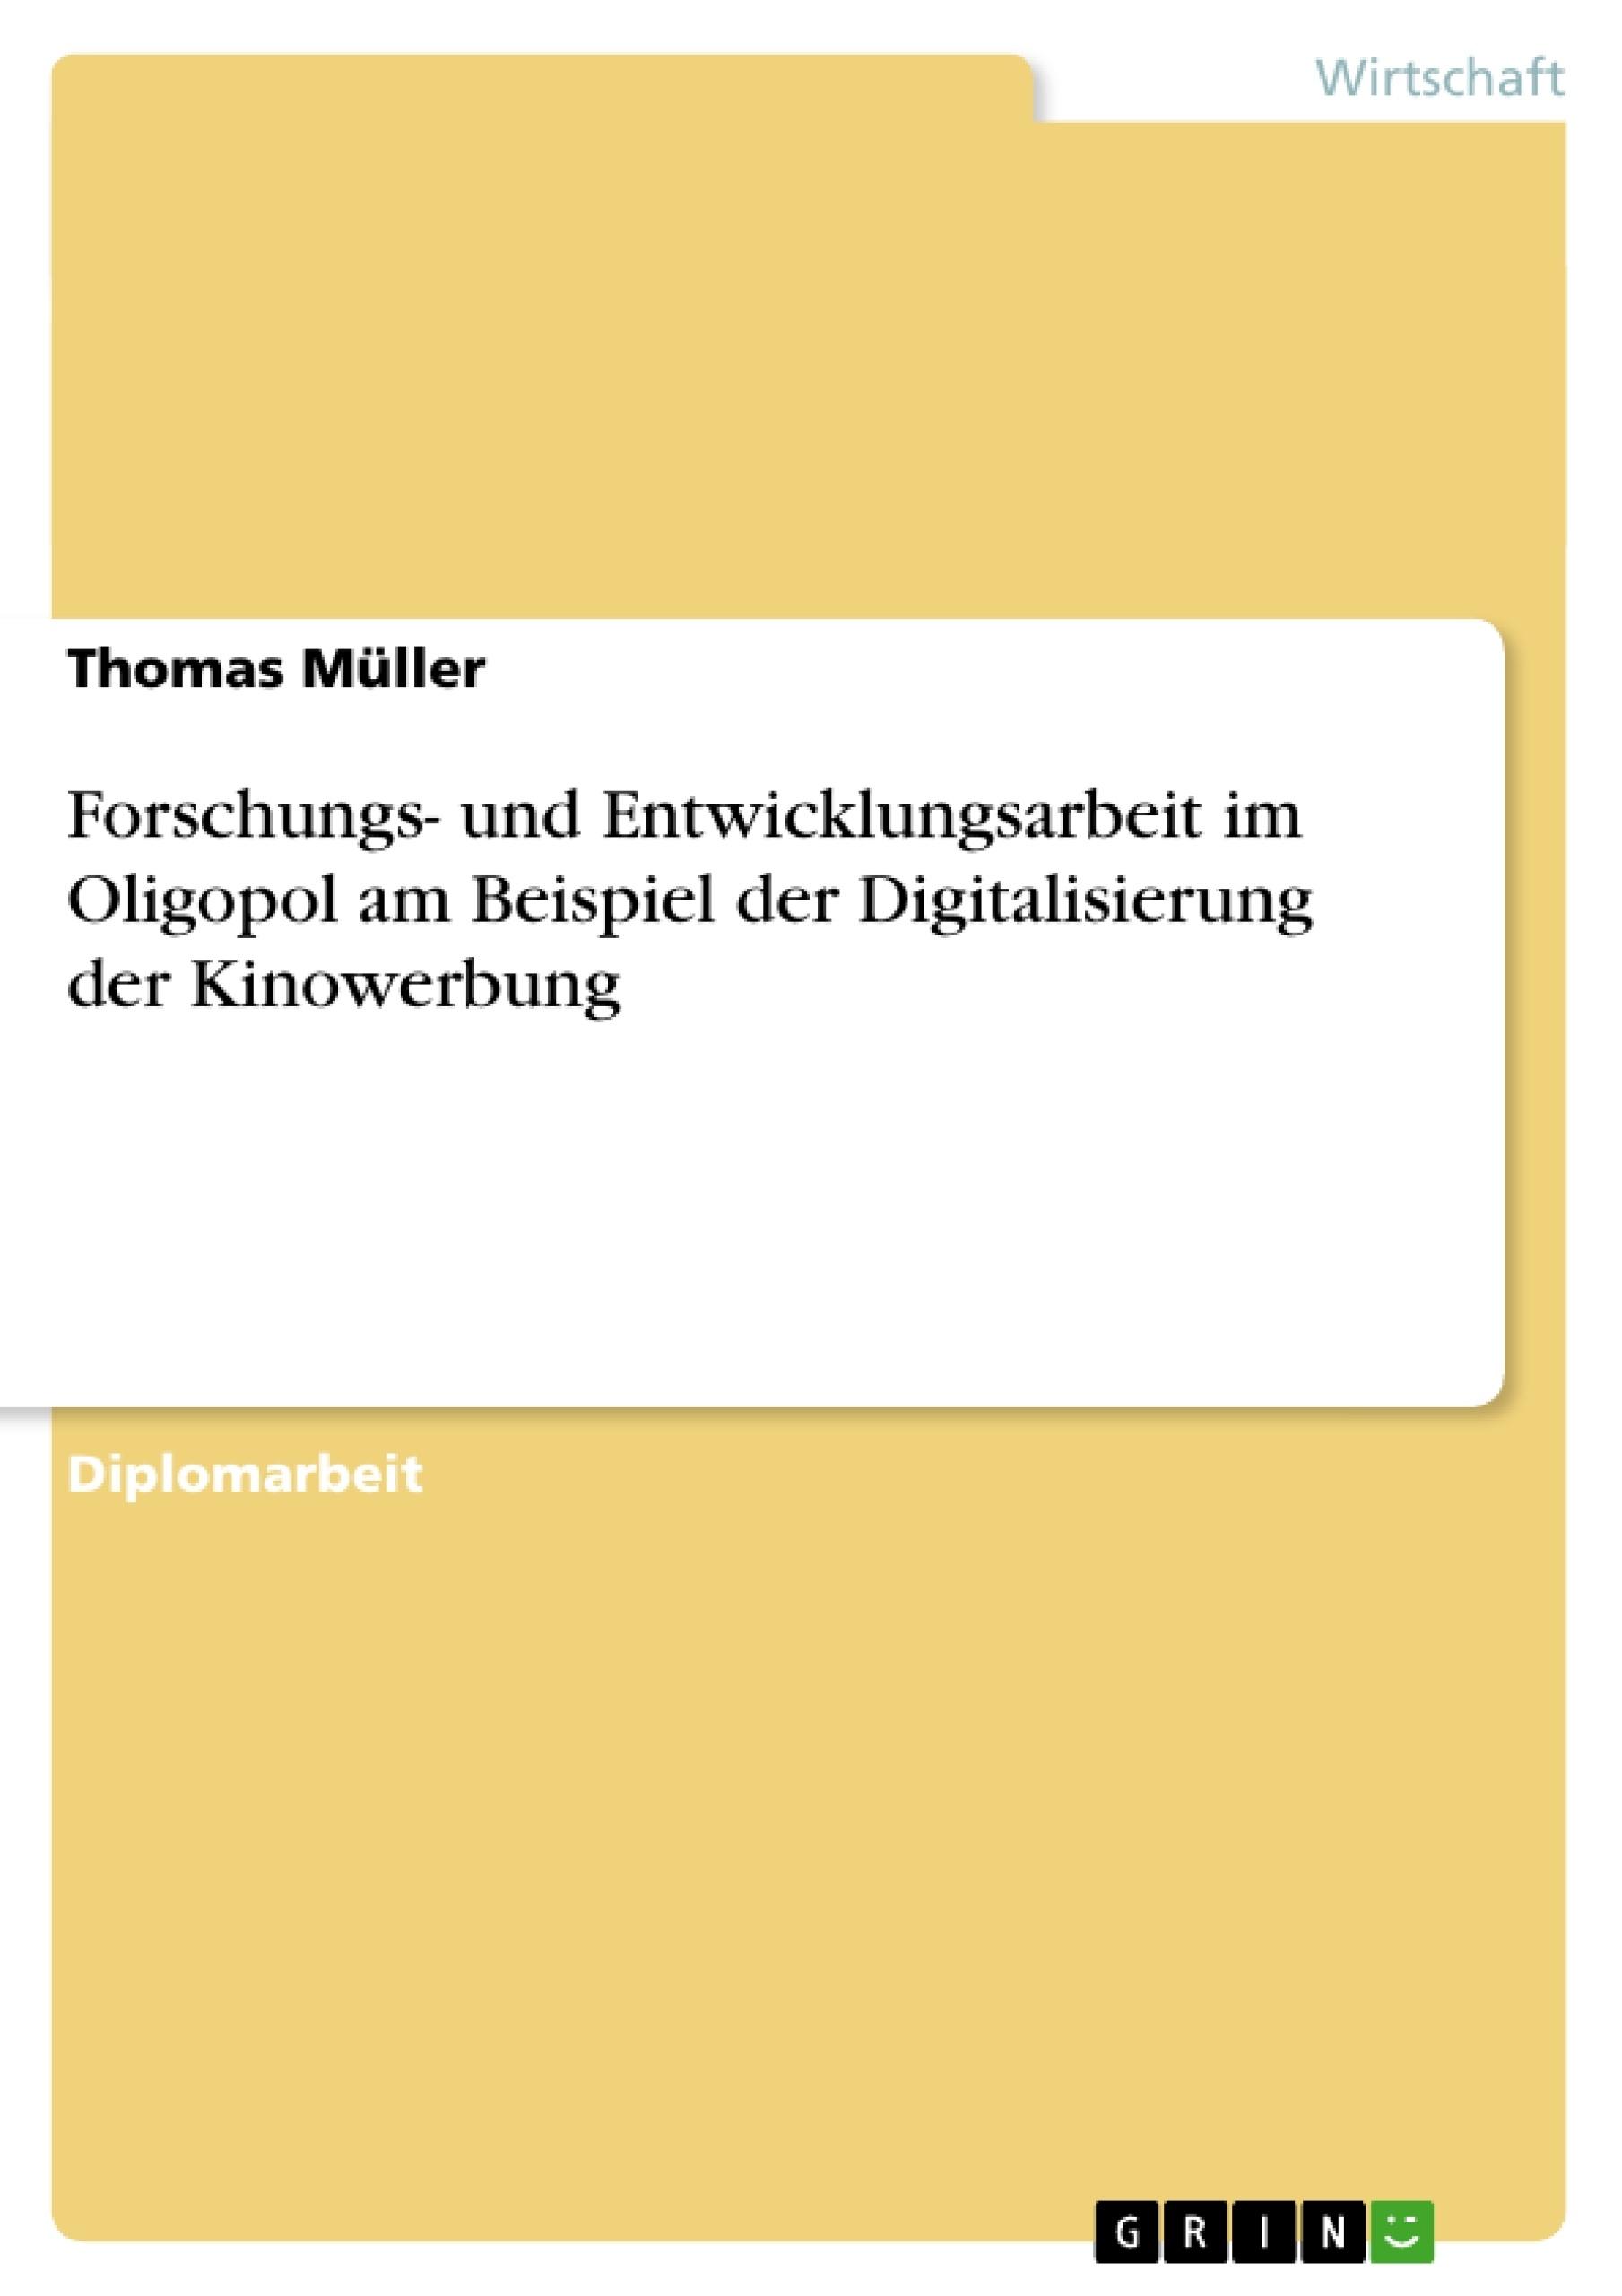 Titel: Forschungs- und Entwicklungsarbeit im Oligopol am Beispiel der Digitalisierung der Kinowerbung